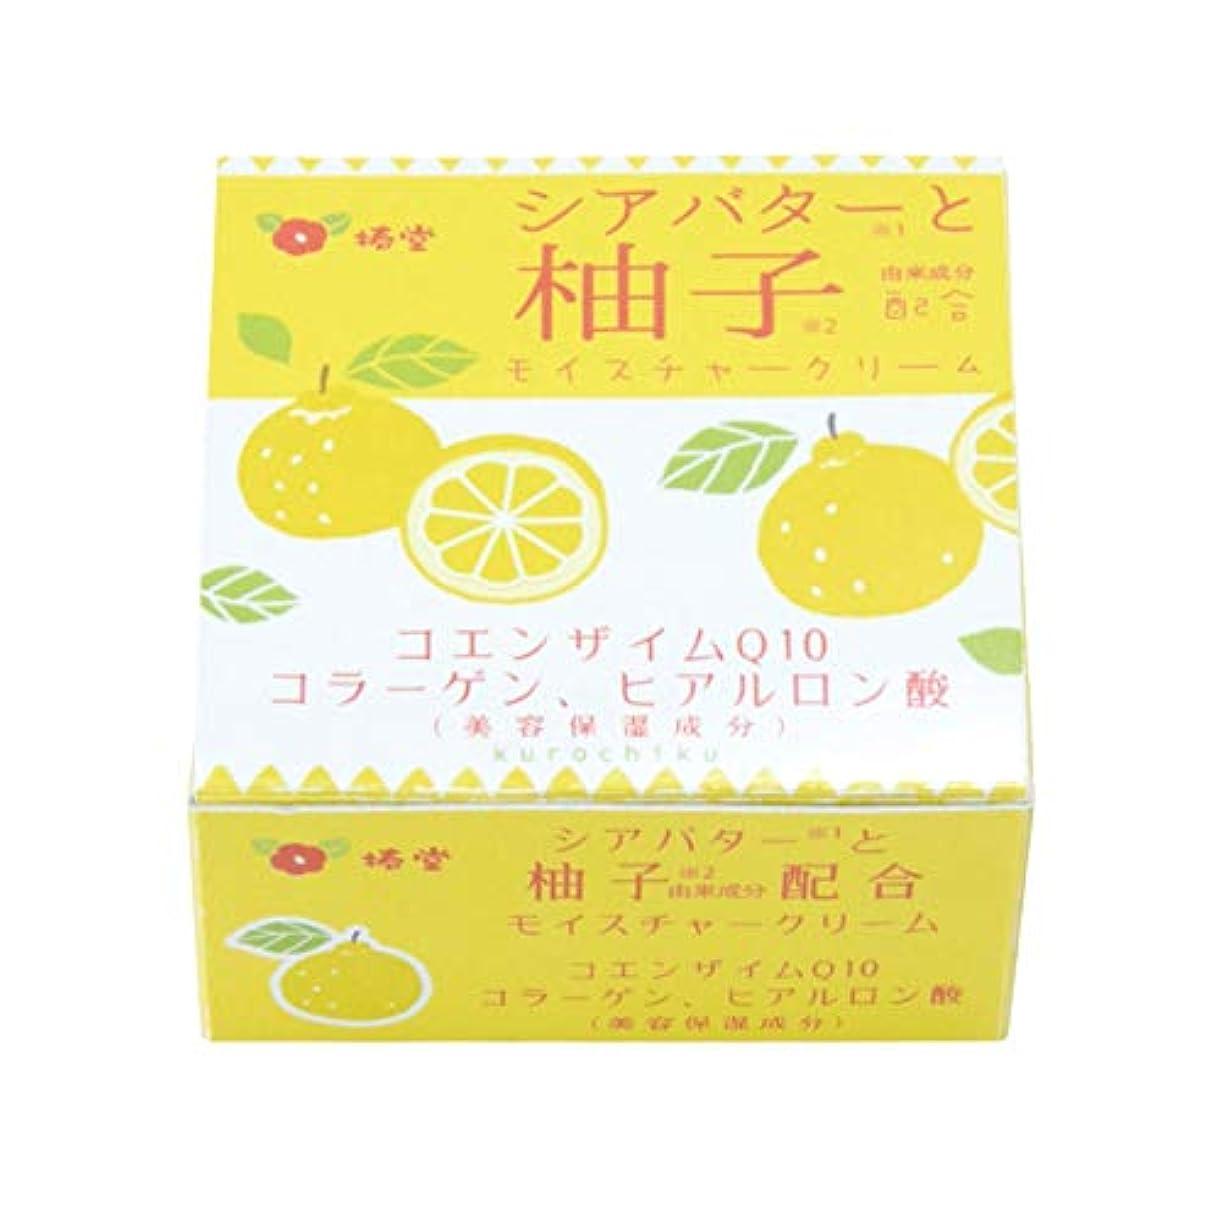 インテリア腐食する交差点椿堂 柚子モイスチャークリーム (シアバターと柚子) 京都くろちく